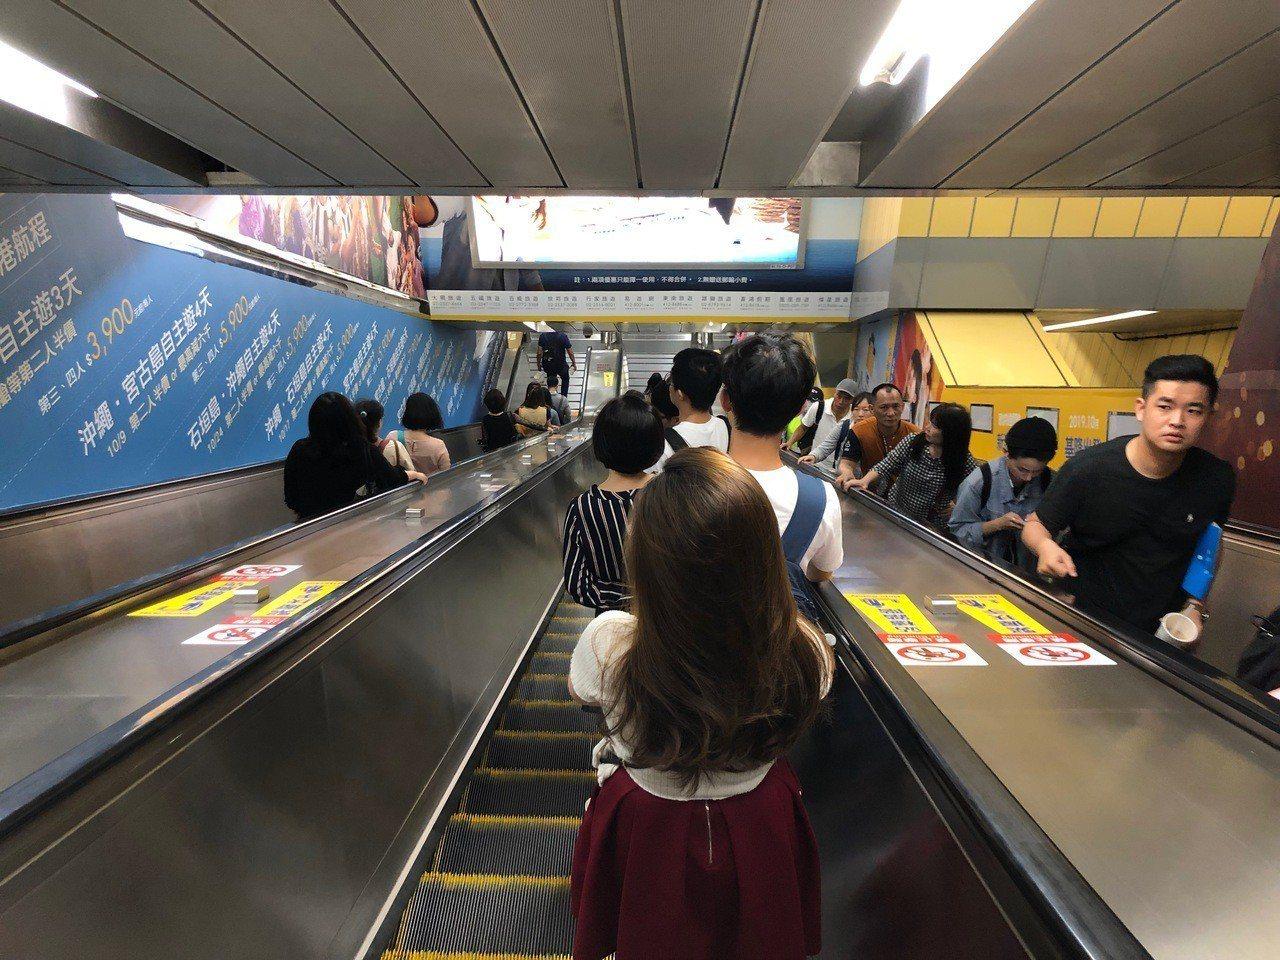 台北捷運表示,「靠右站立」已在14年前停止,目前是以「緊握扶手、站穩踏階」宣導電...